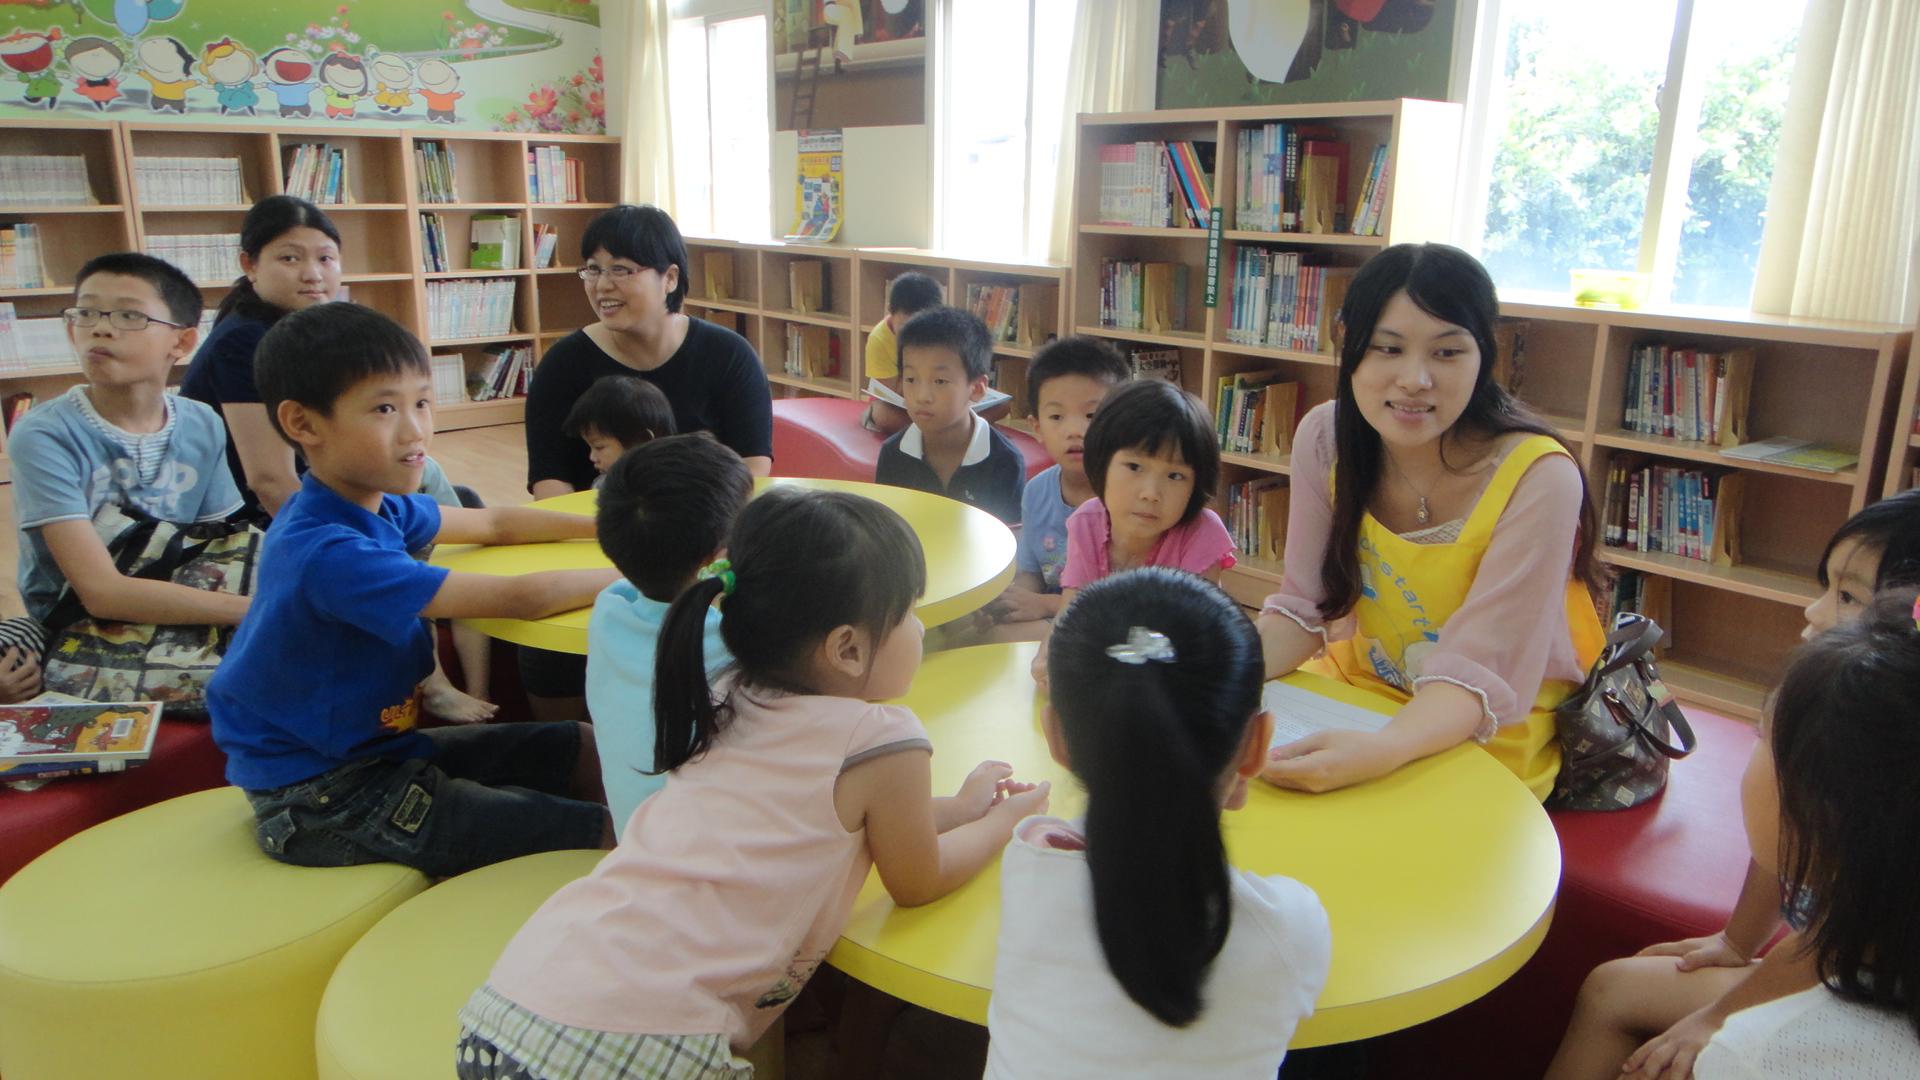 楊博宇與鄭惠如時常帶著員工一起參與公益活動。